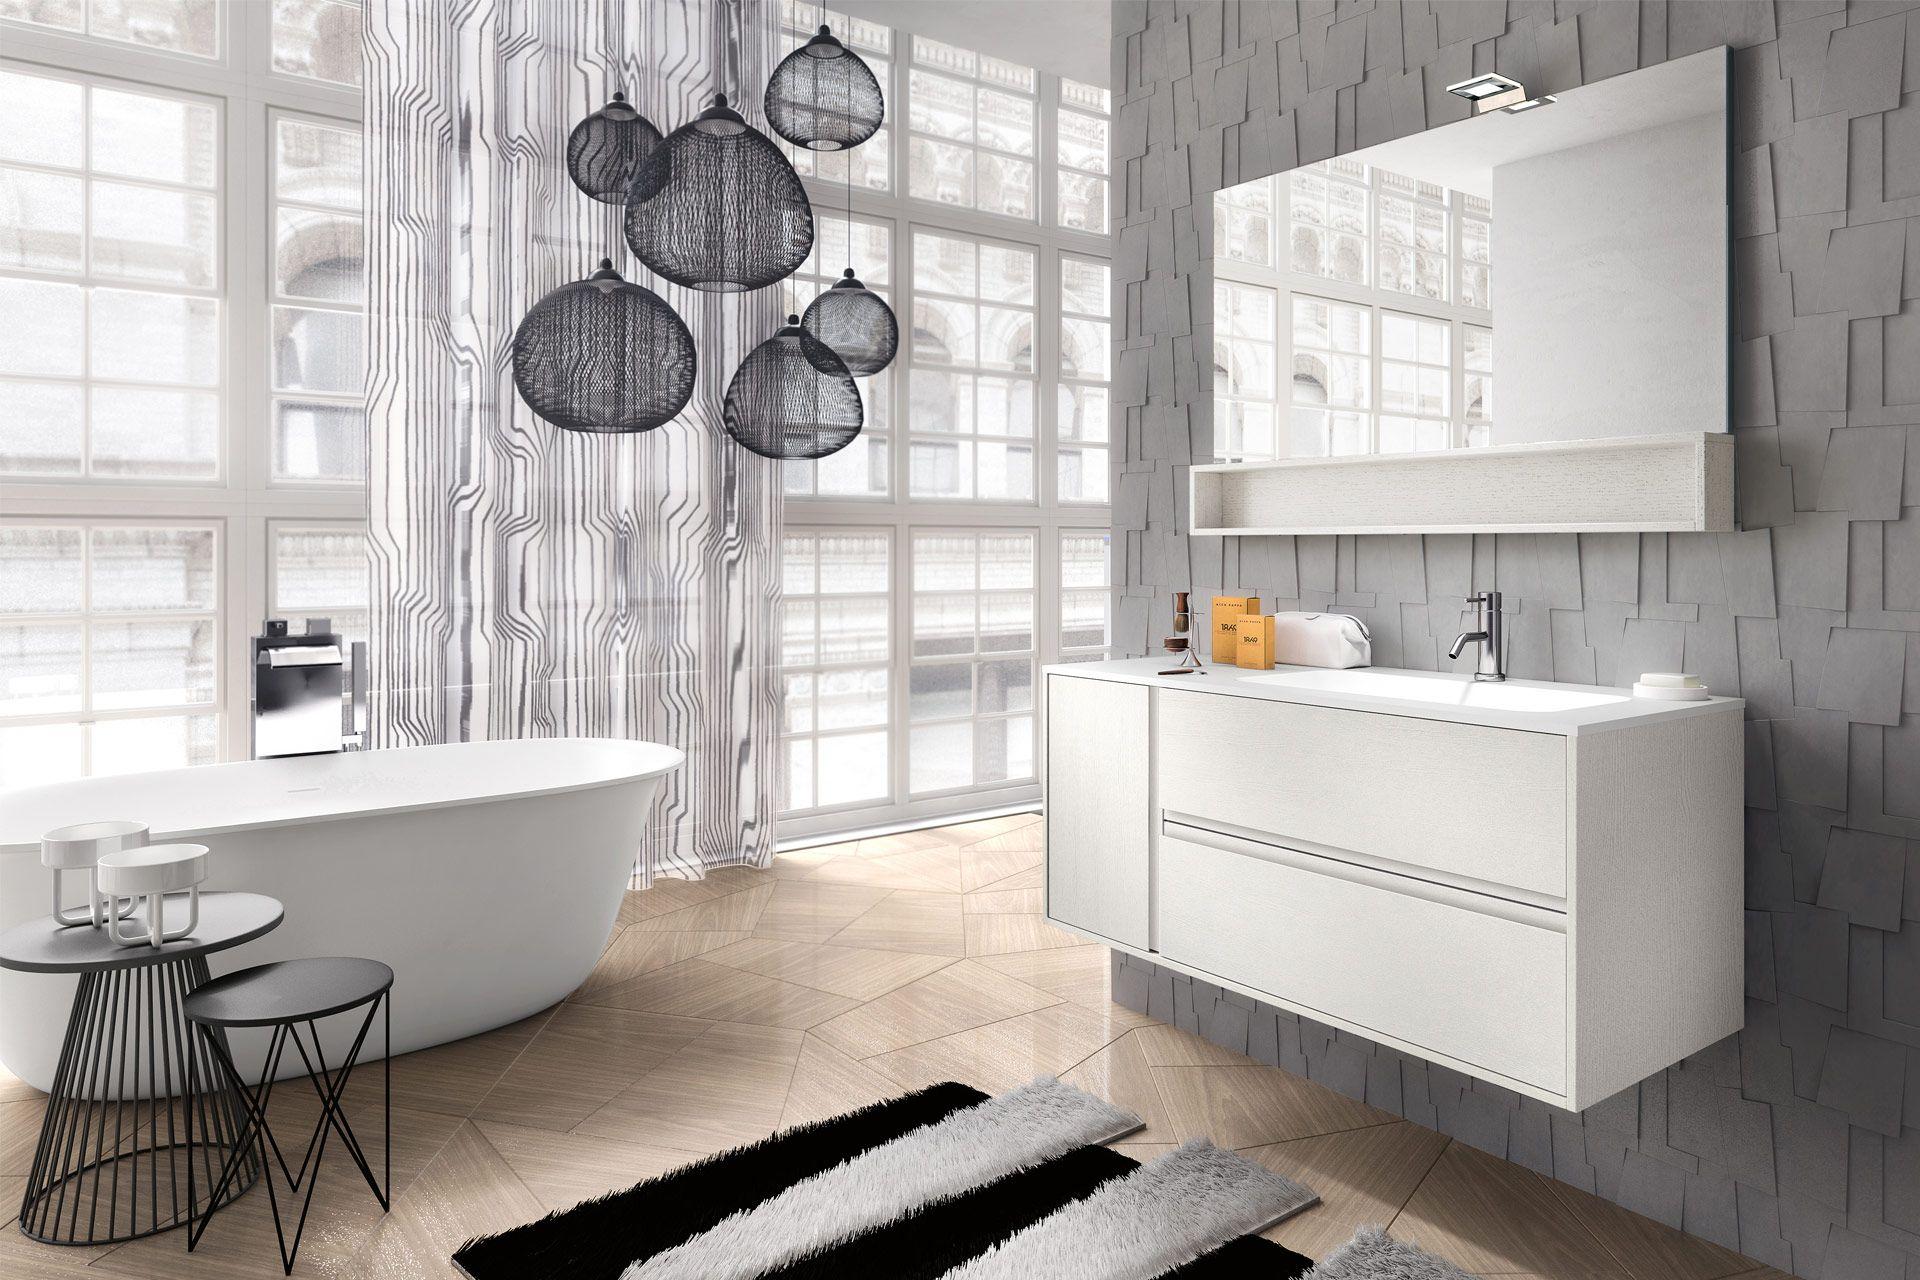 Mobili Bagno Da Sogno : La collezione #cloe è composta da una serie di #mobili bagno